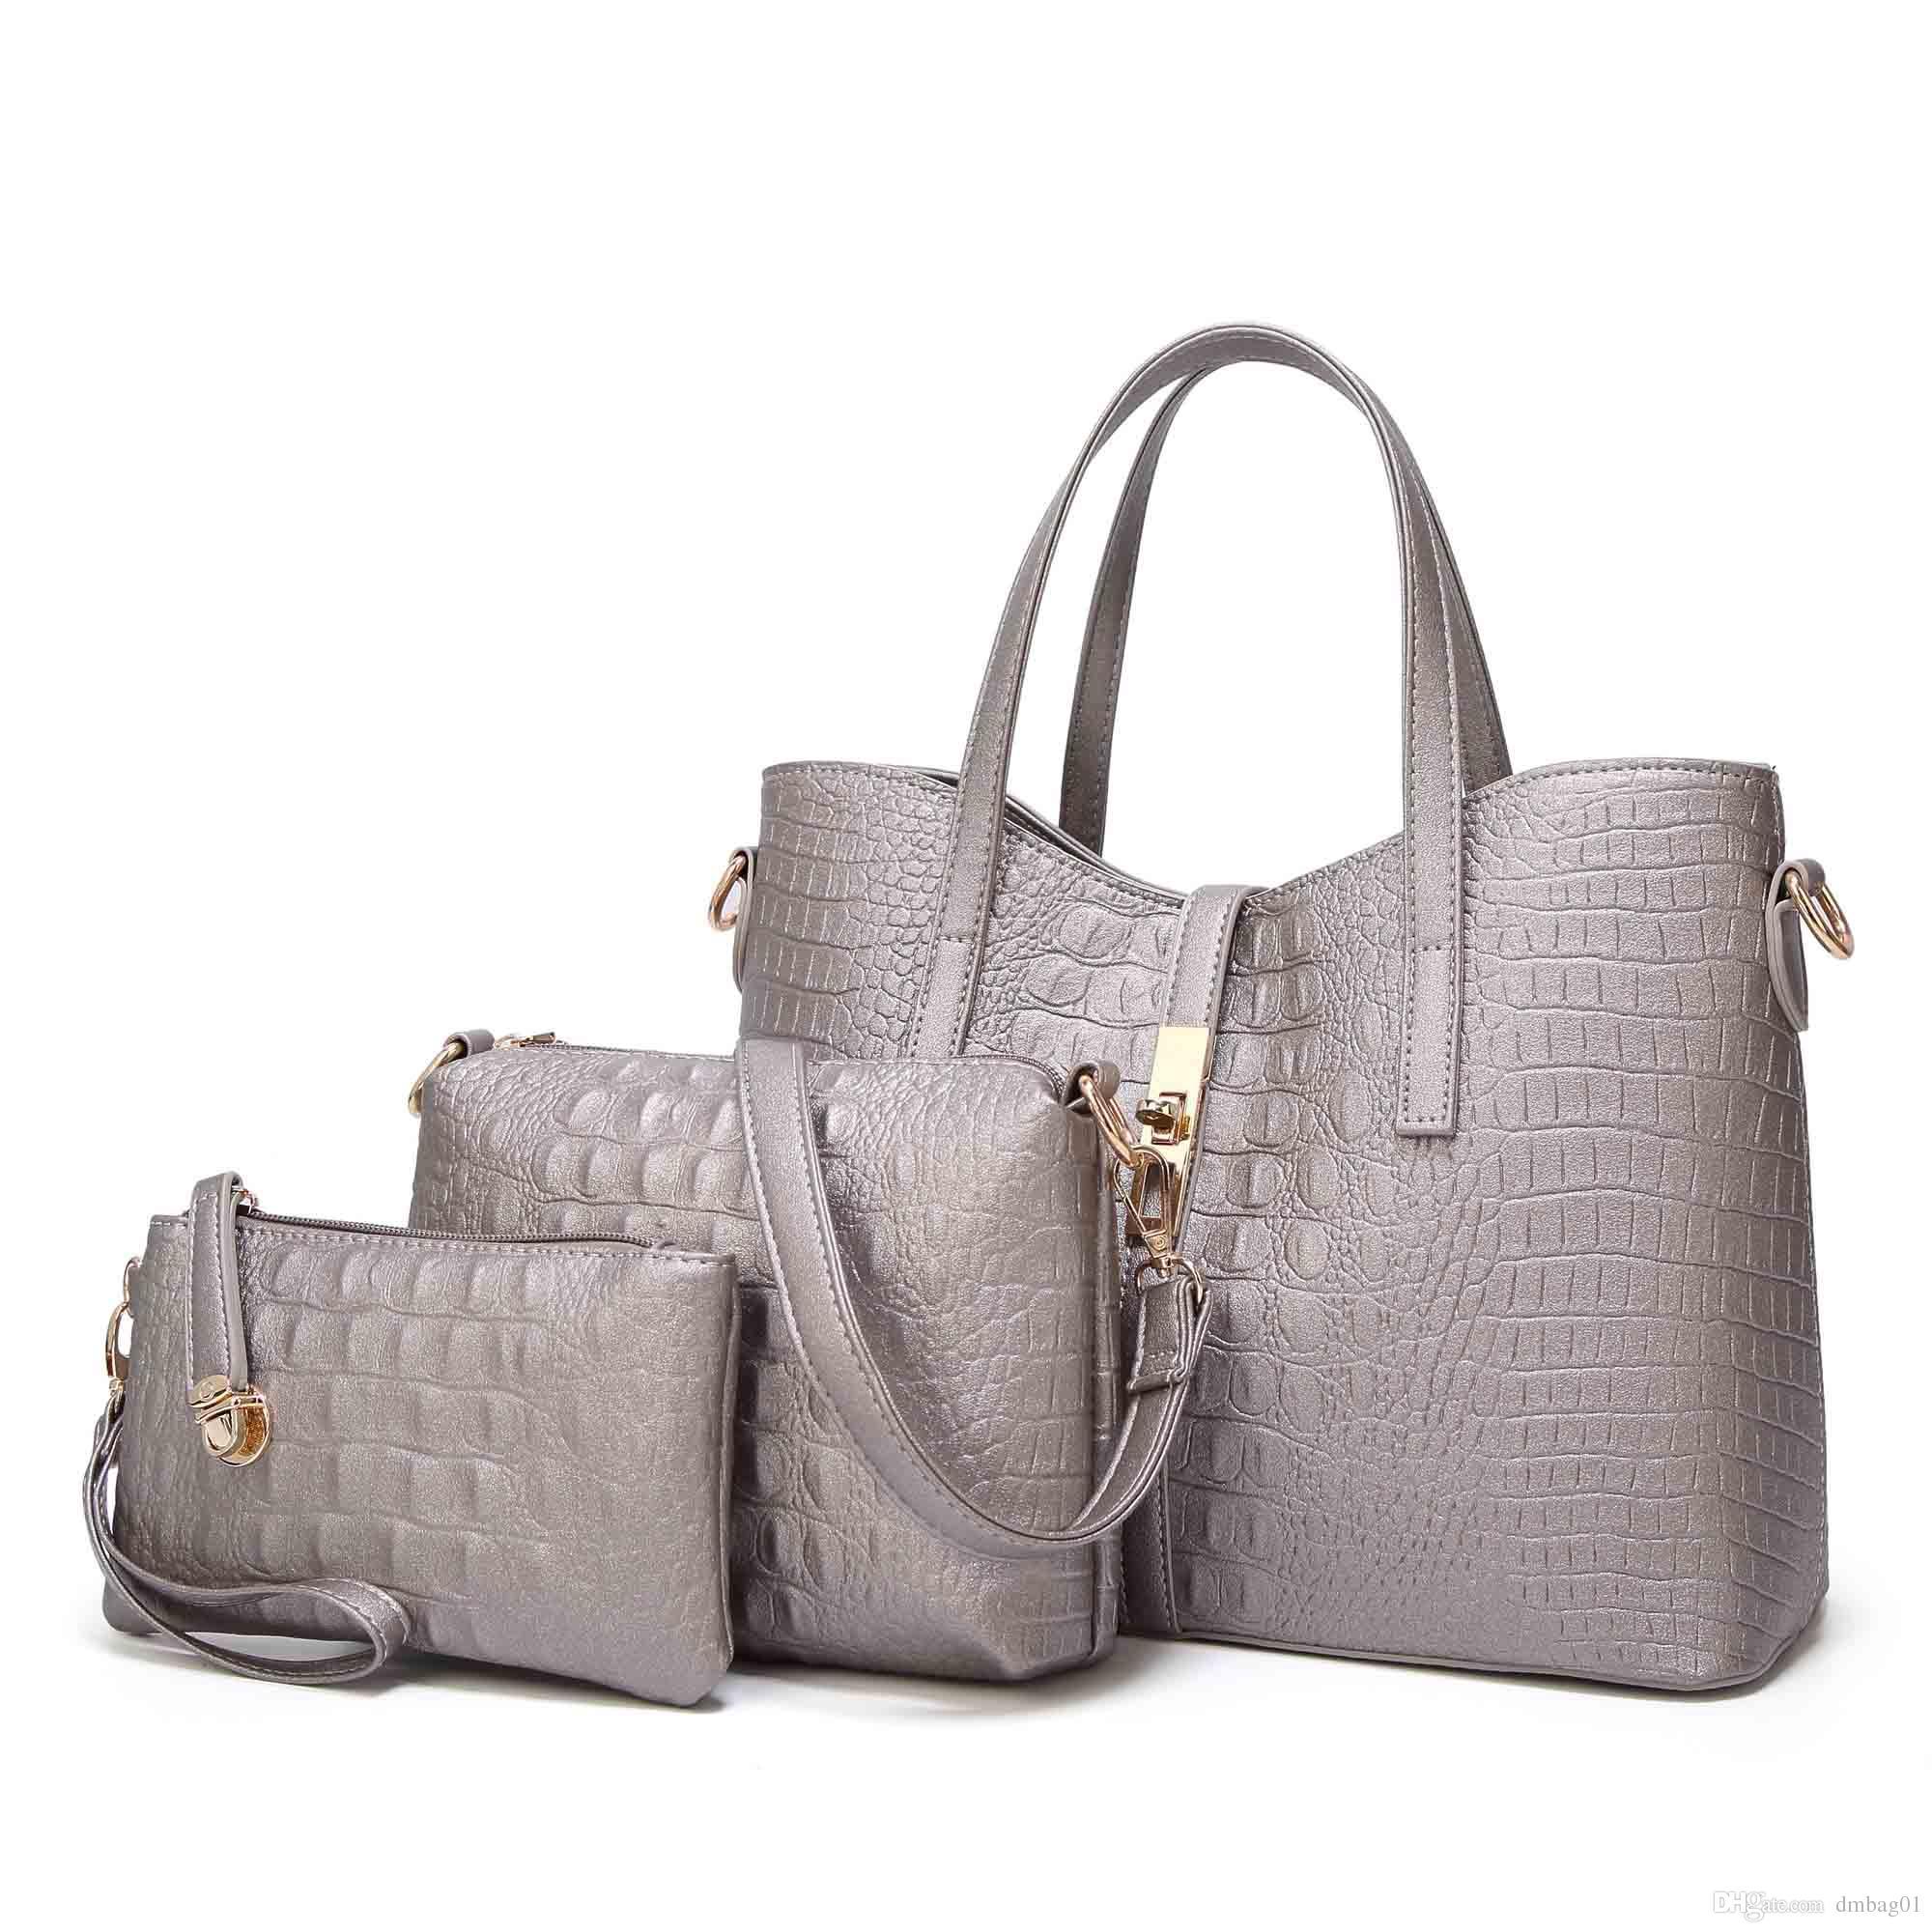 16e1ca5dff2b Pink Sugao Purses And Handbags Composite Bag Pu Leather Crossbody Bag Tote  Shoulder Clutch Purse Messenger Bag Set High Quality Crossbody Purses Ladies  ...